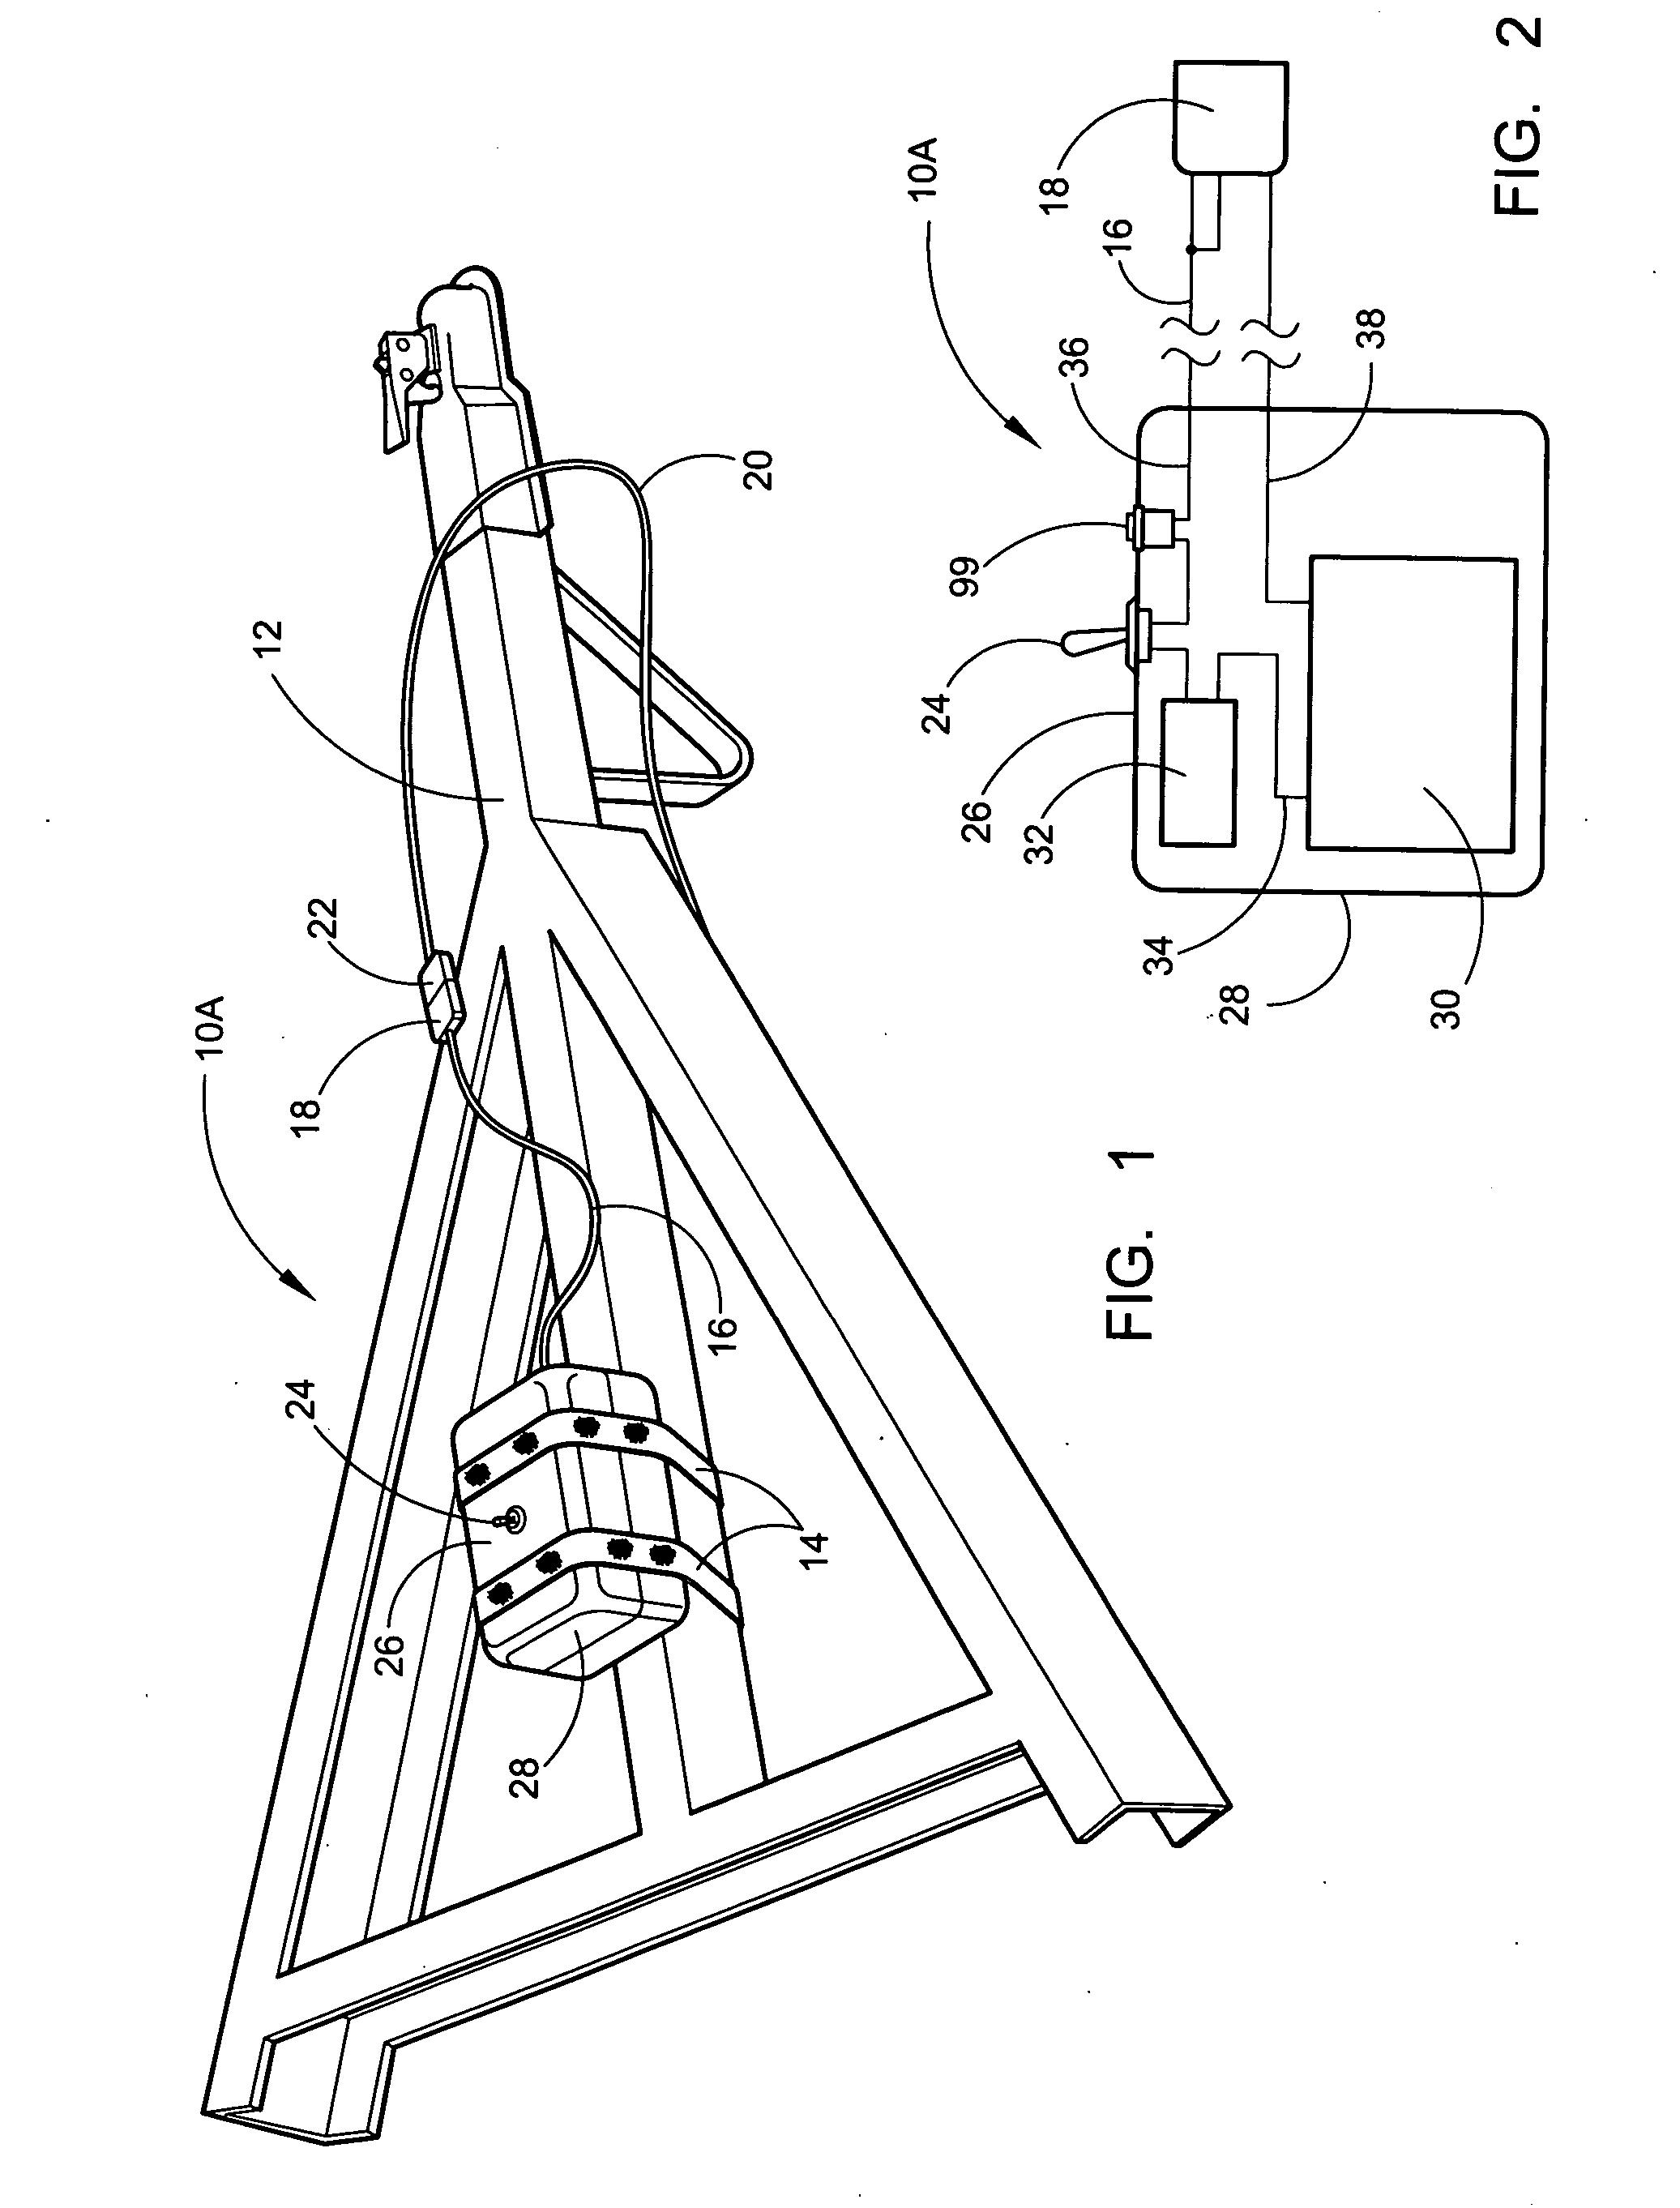 patent us20070171031